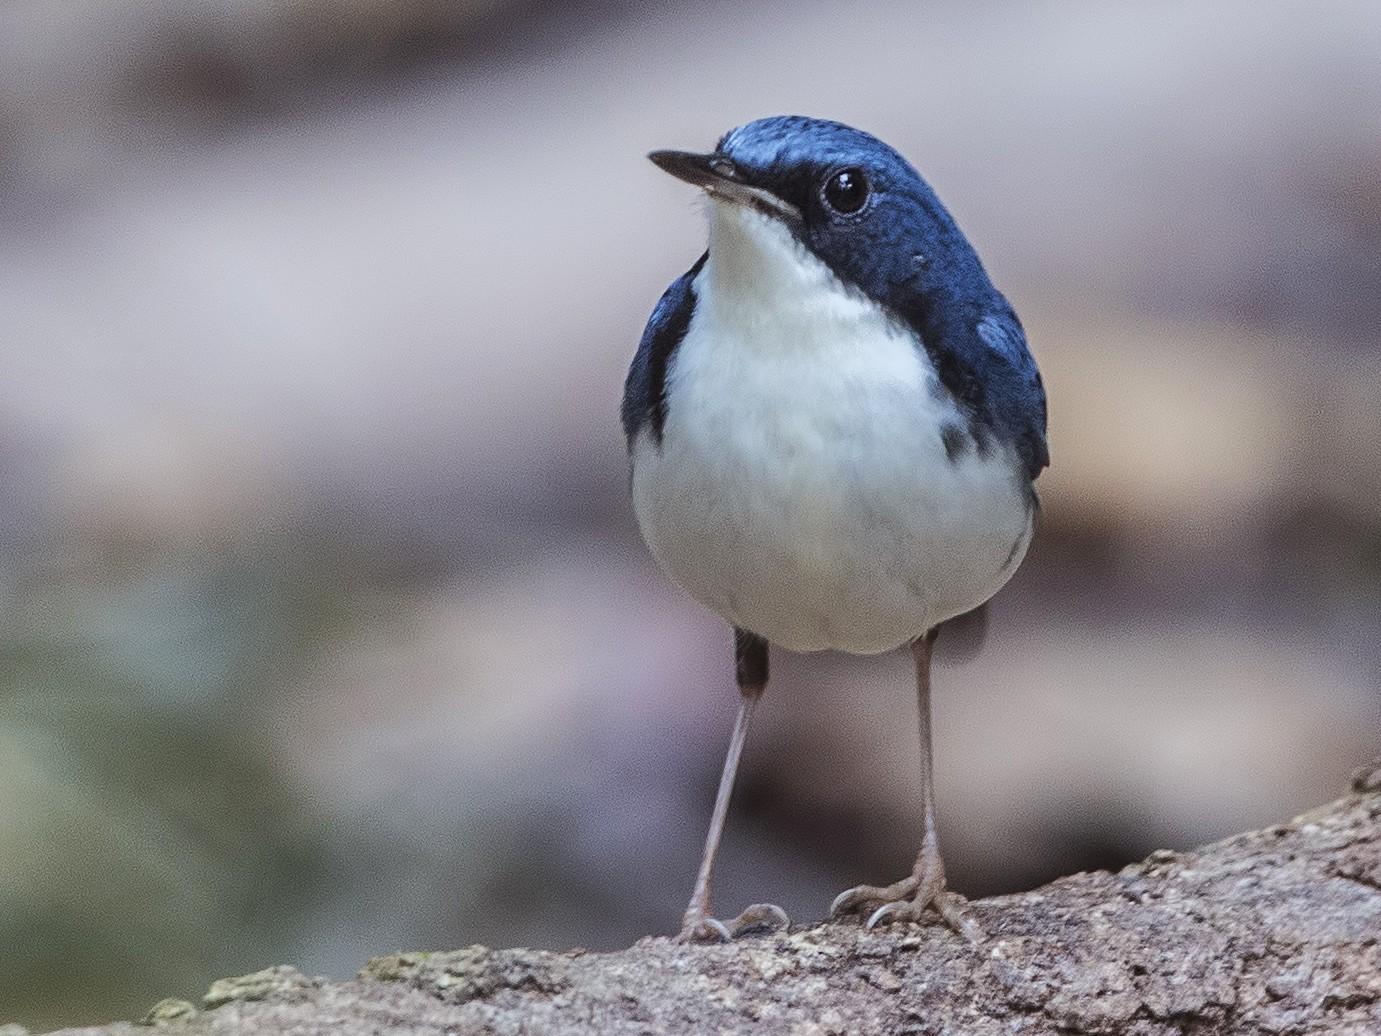 Siberian Blue Robin - H. Çağlar Güngör